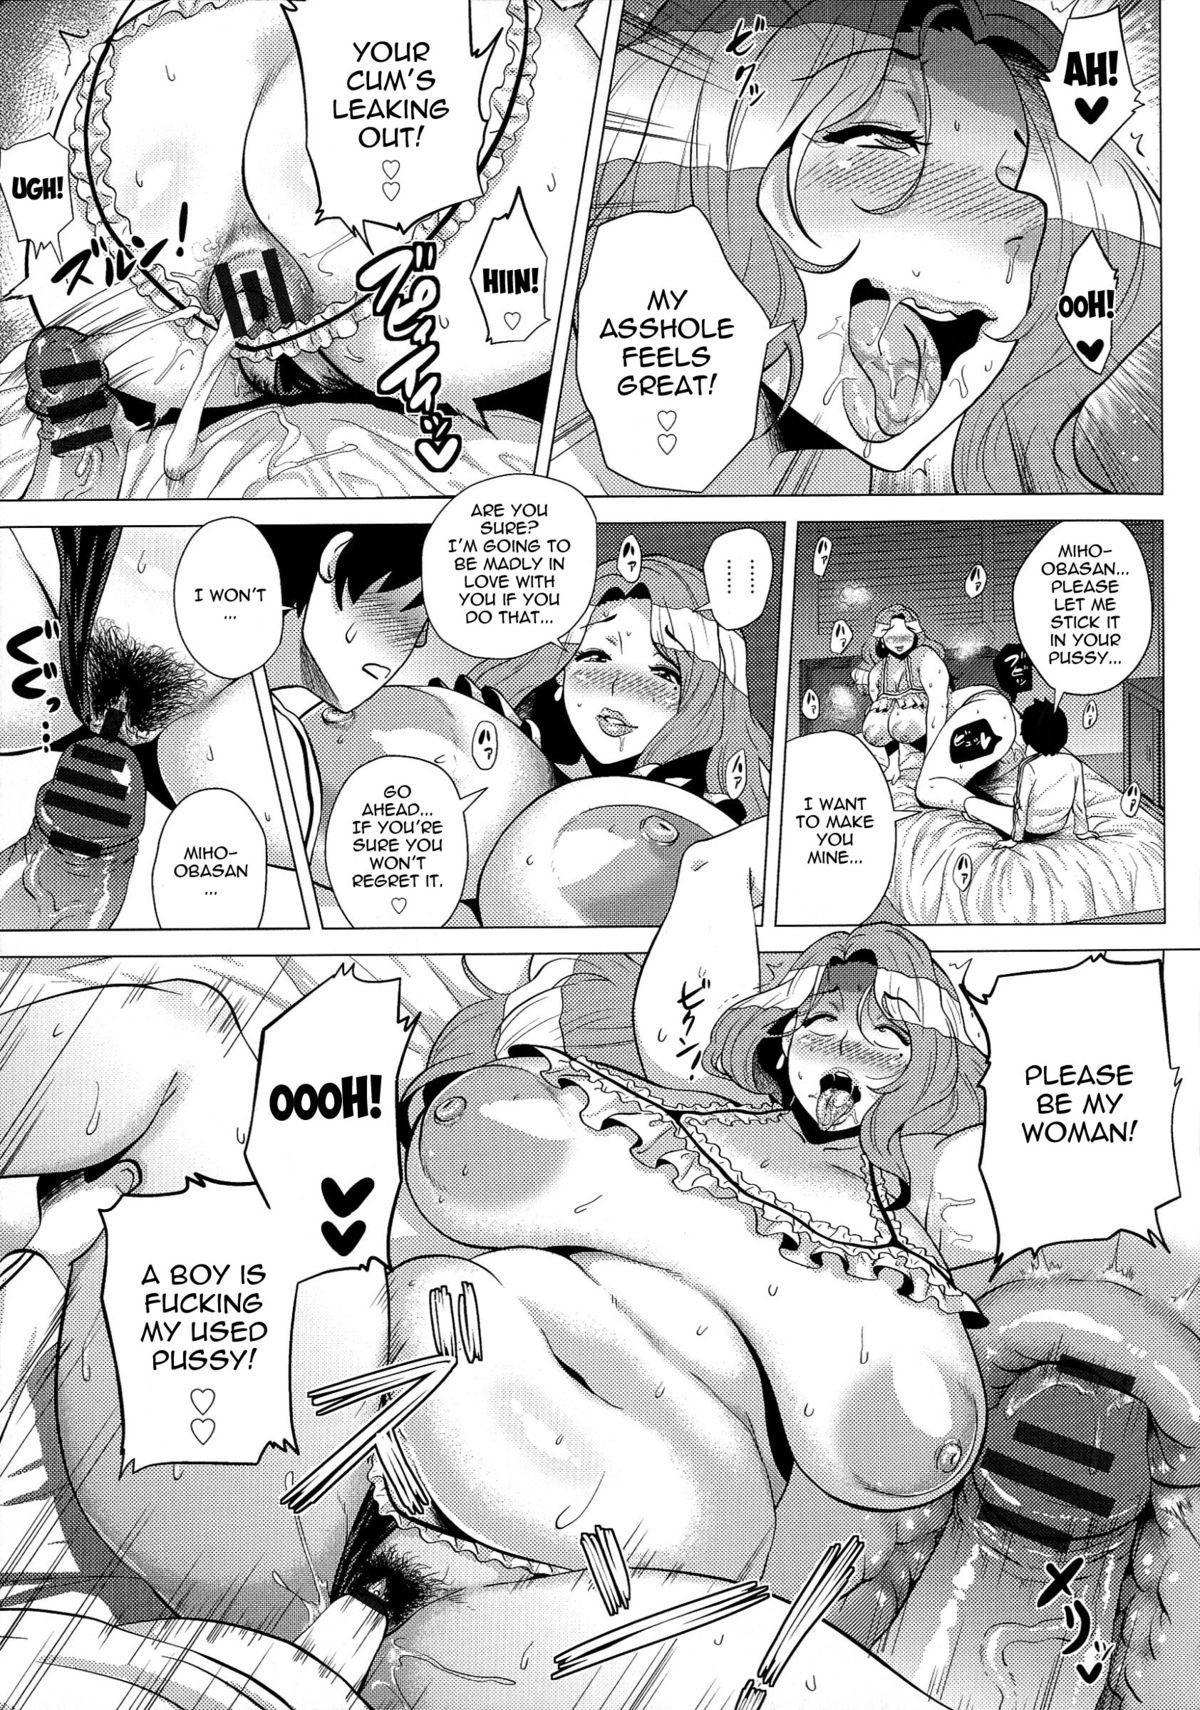 [Yokkora] Megabody Night ~Watashi no Oniku wo Meshiagare~ | Megabody Night ~My voluptuous body & mom love~ [English] {Laruffi + desudesu + EHCOVE} 81